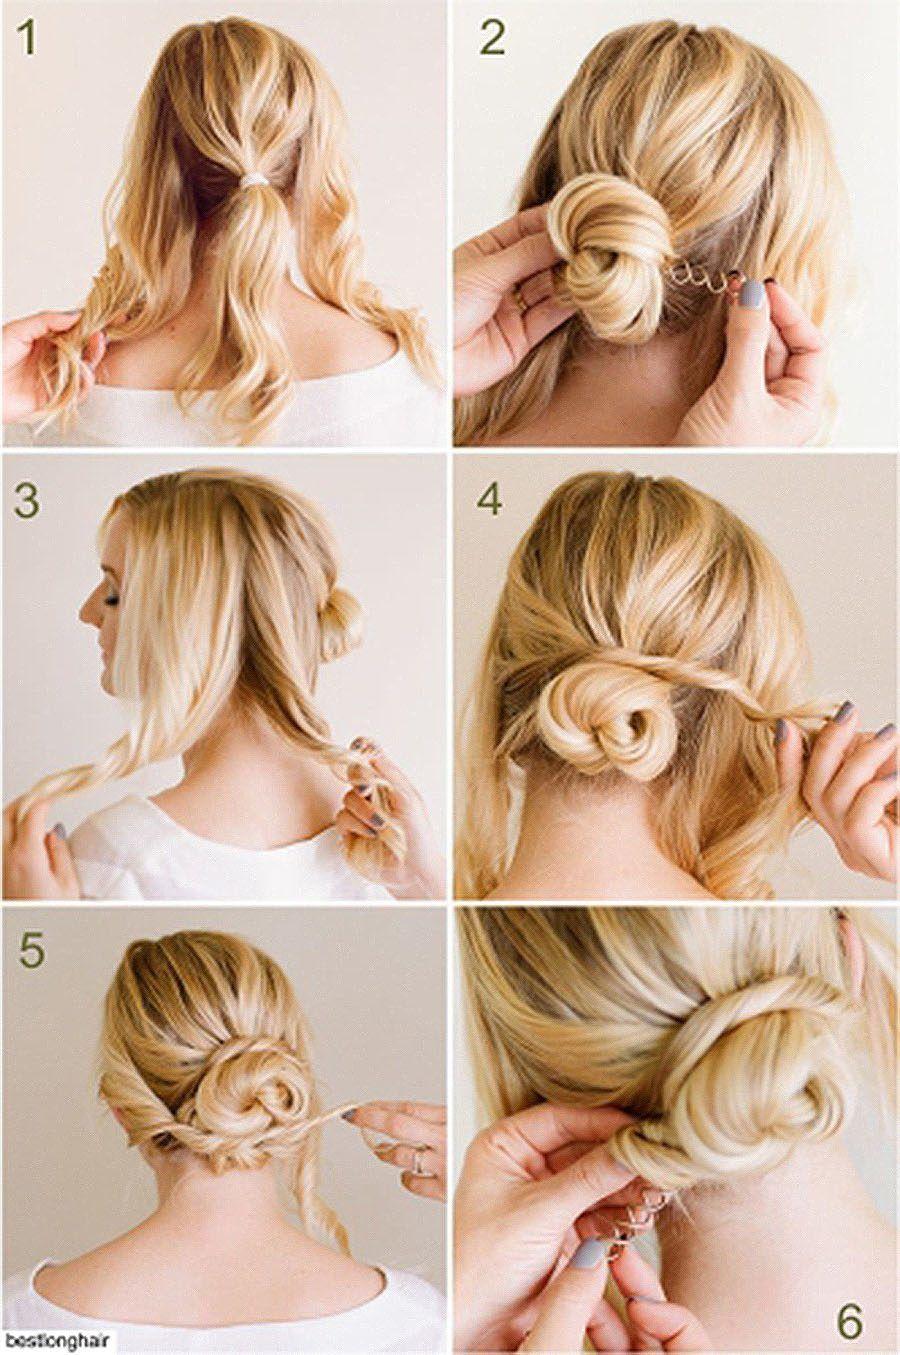 penteados para casamento cabelo curto passo a passo